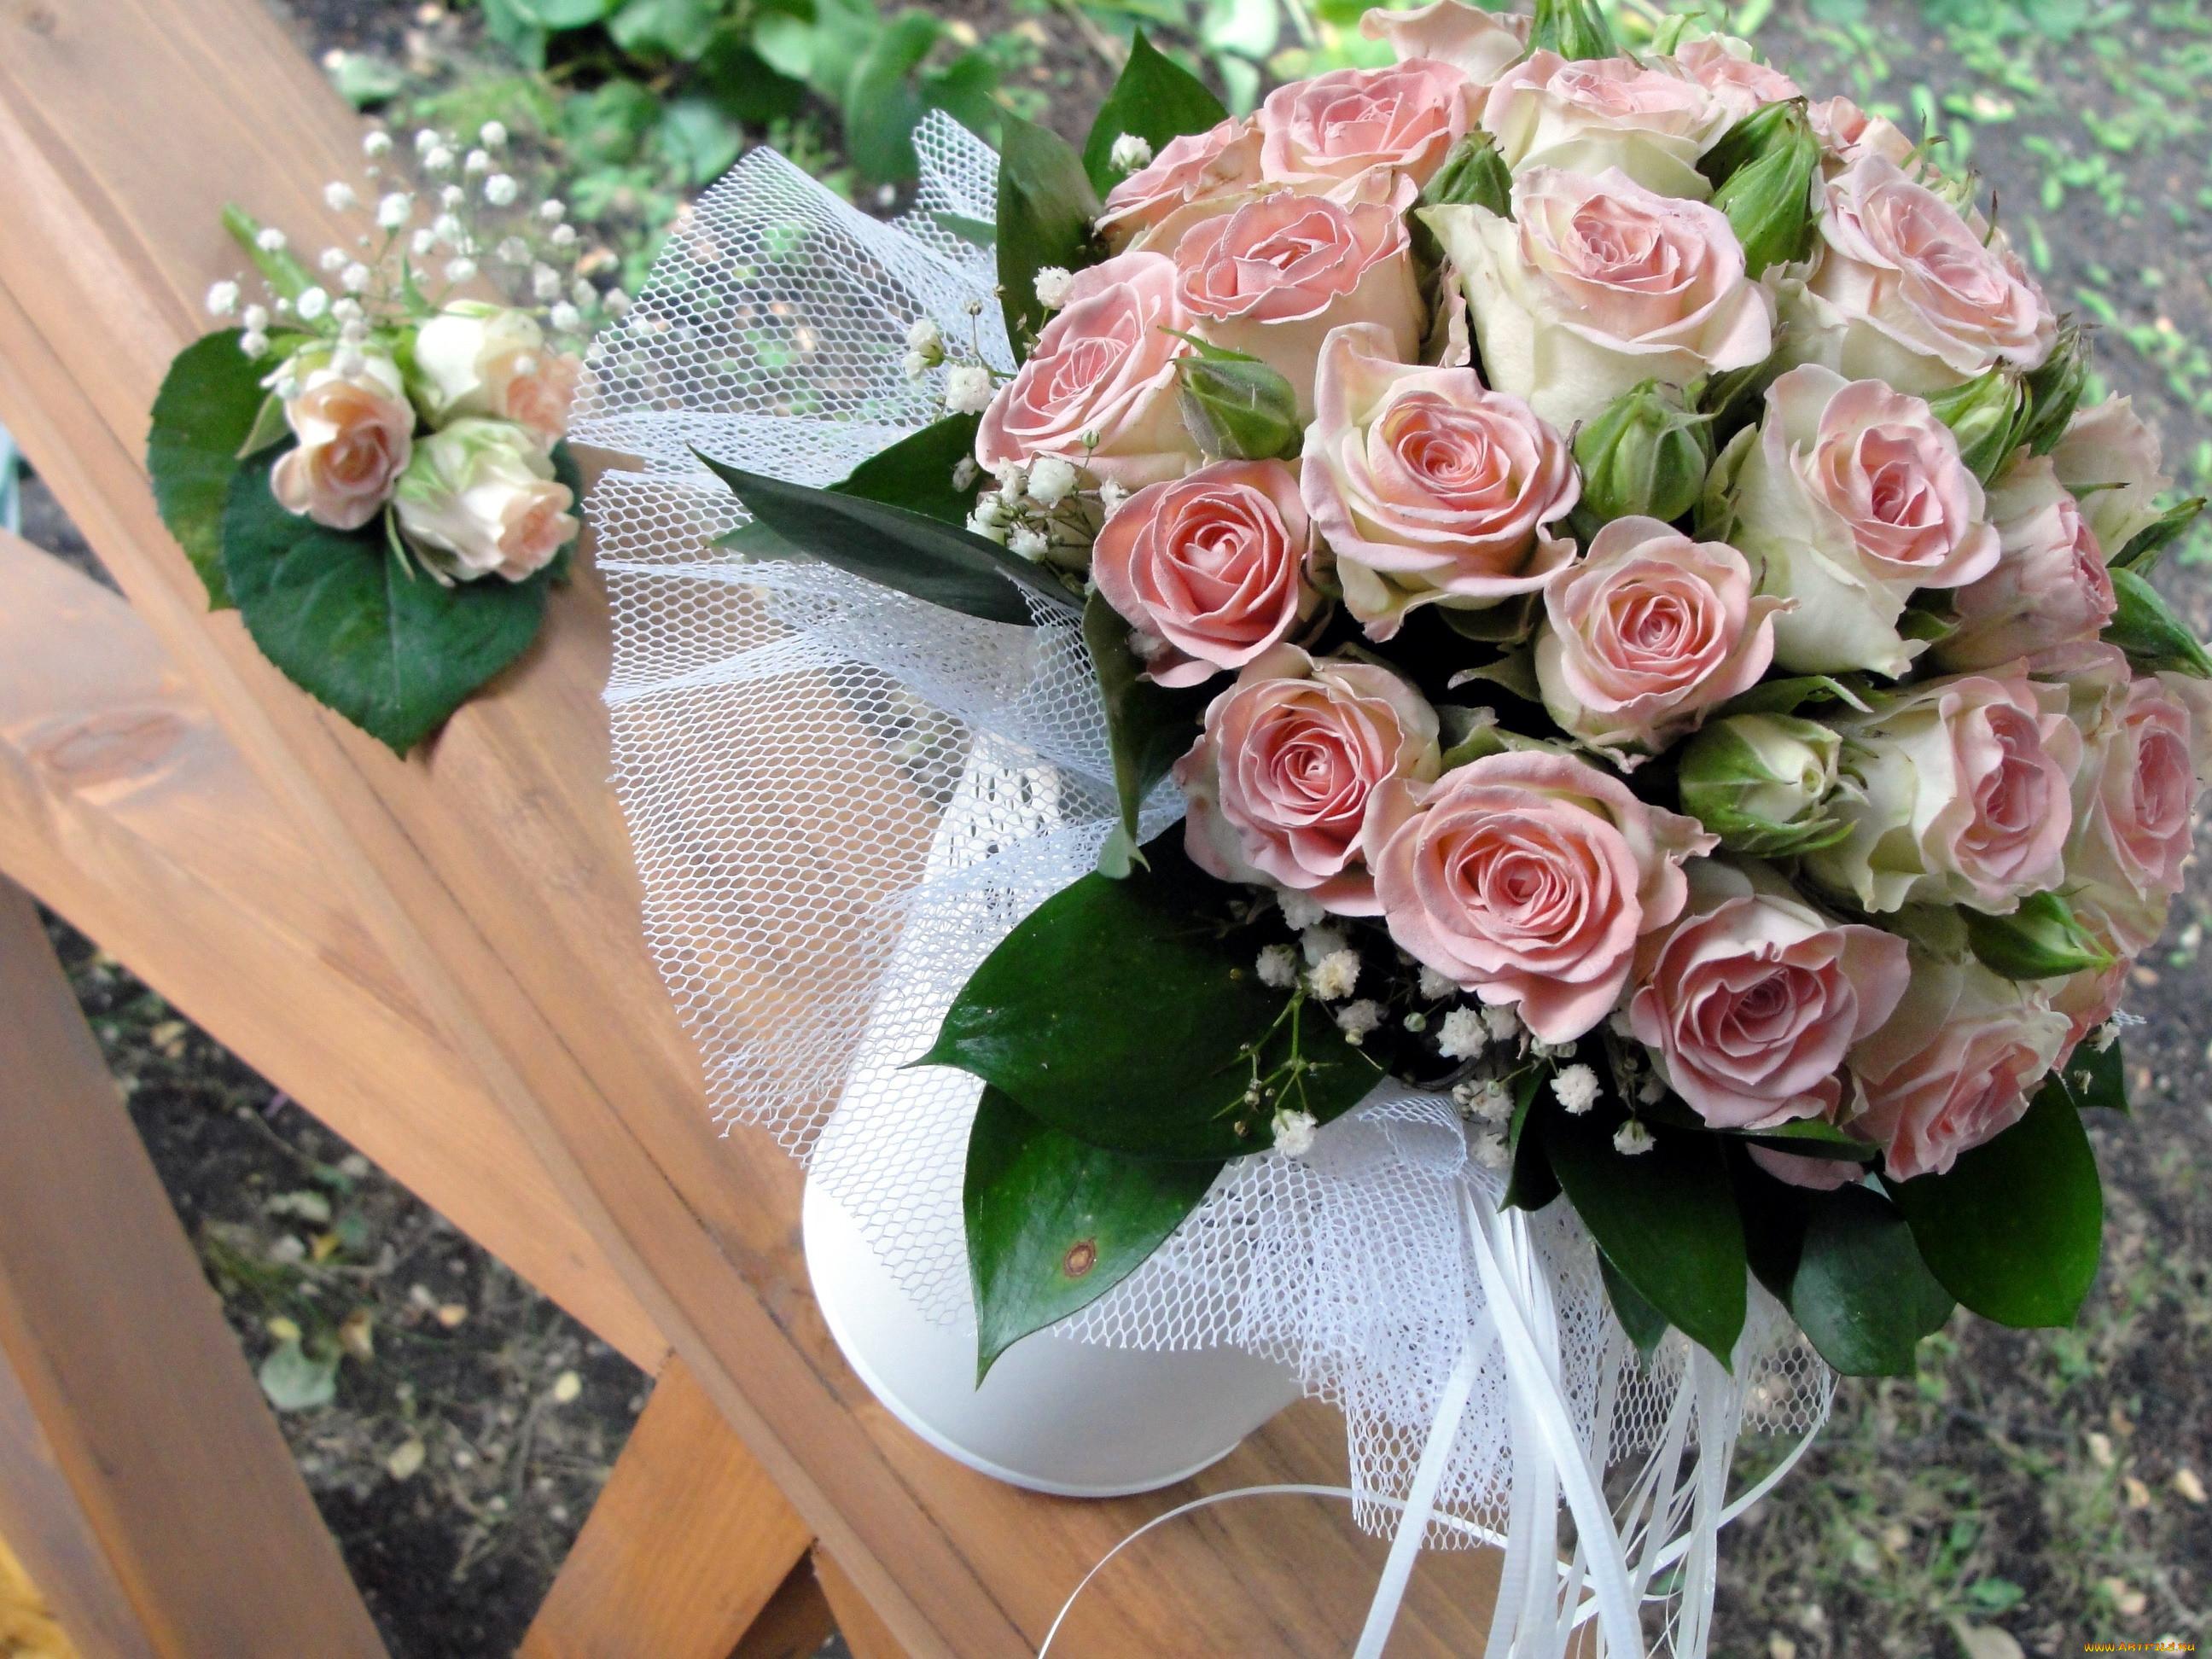 фото букетов из роз высокого разрешения